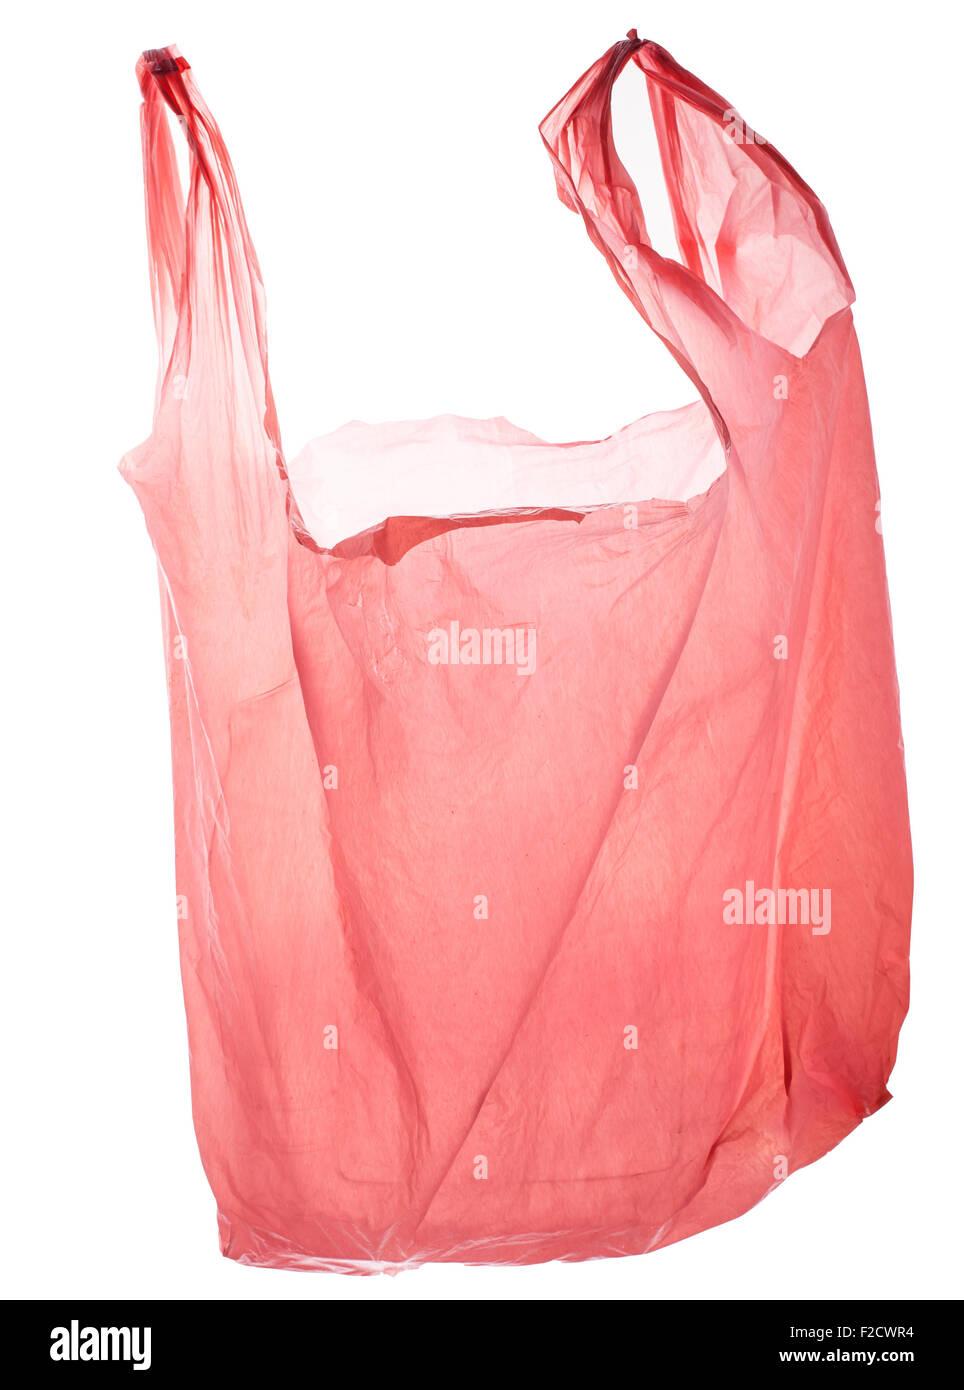 Vacíe la bolsa de plástico rosa, iluminada desde atrás, flotante Imagen De Stock